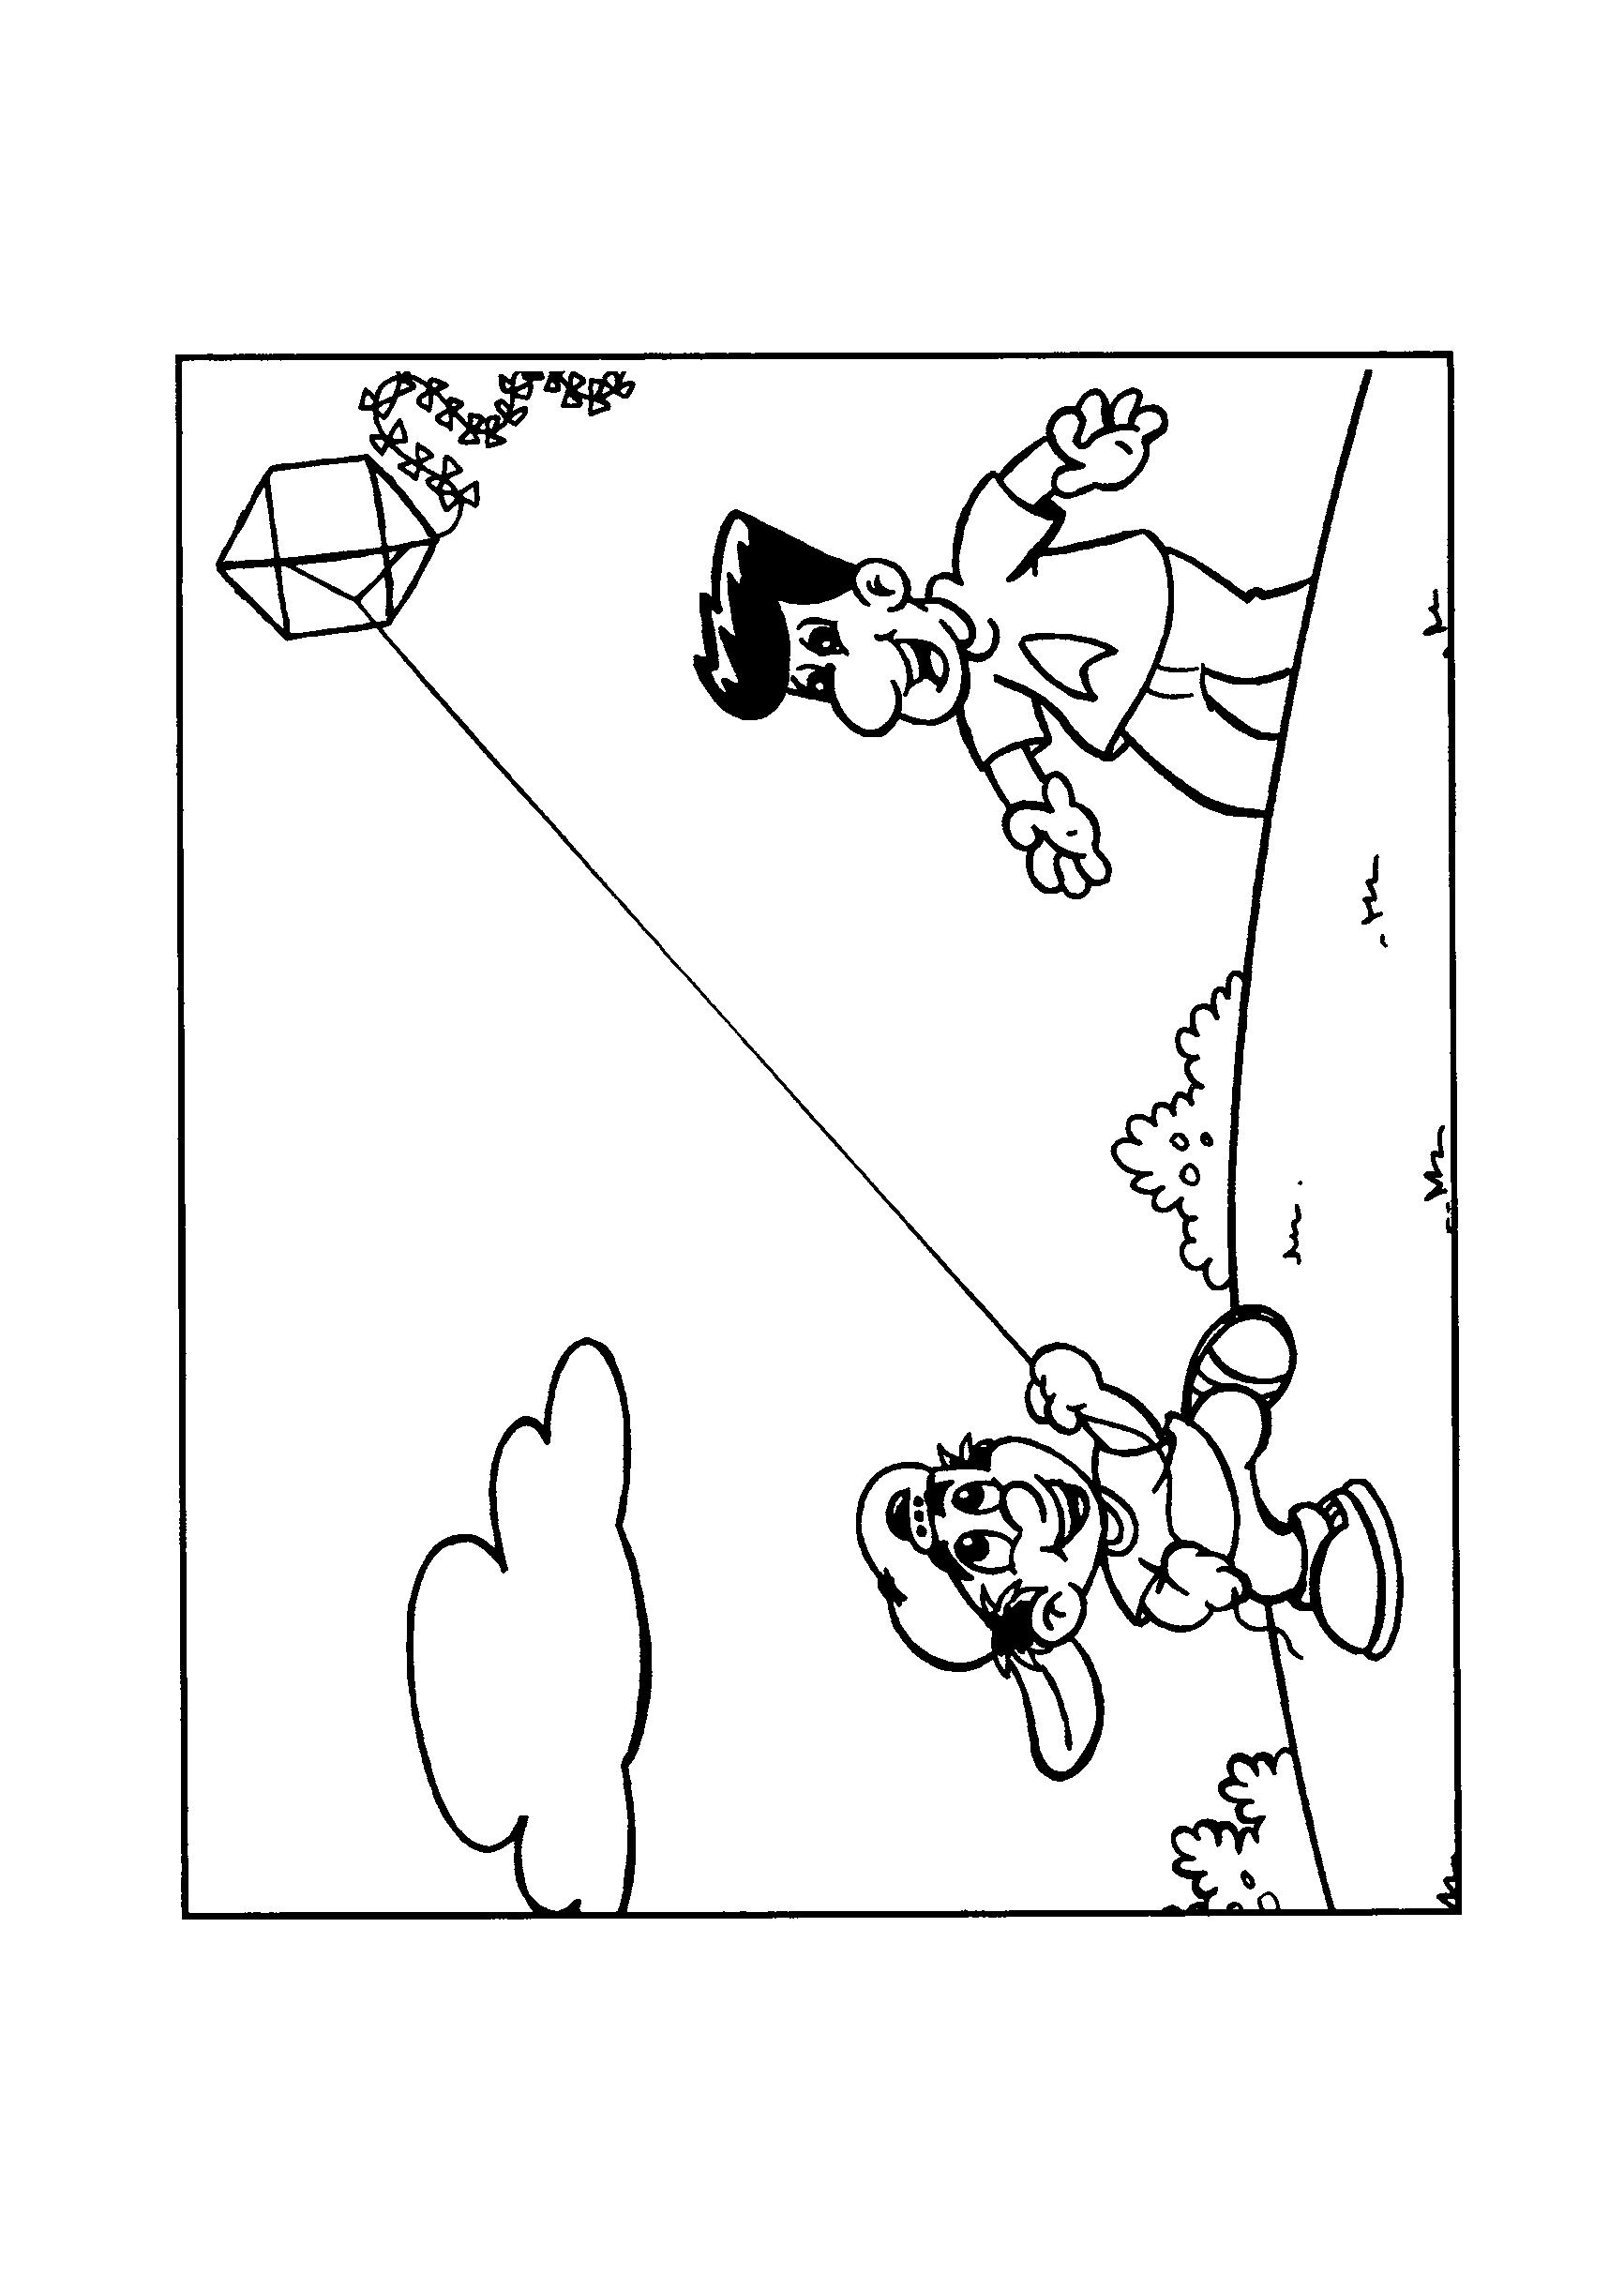 Famosos Desenhos para colorir do dia dos pais para imprimir WP74